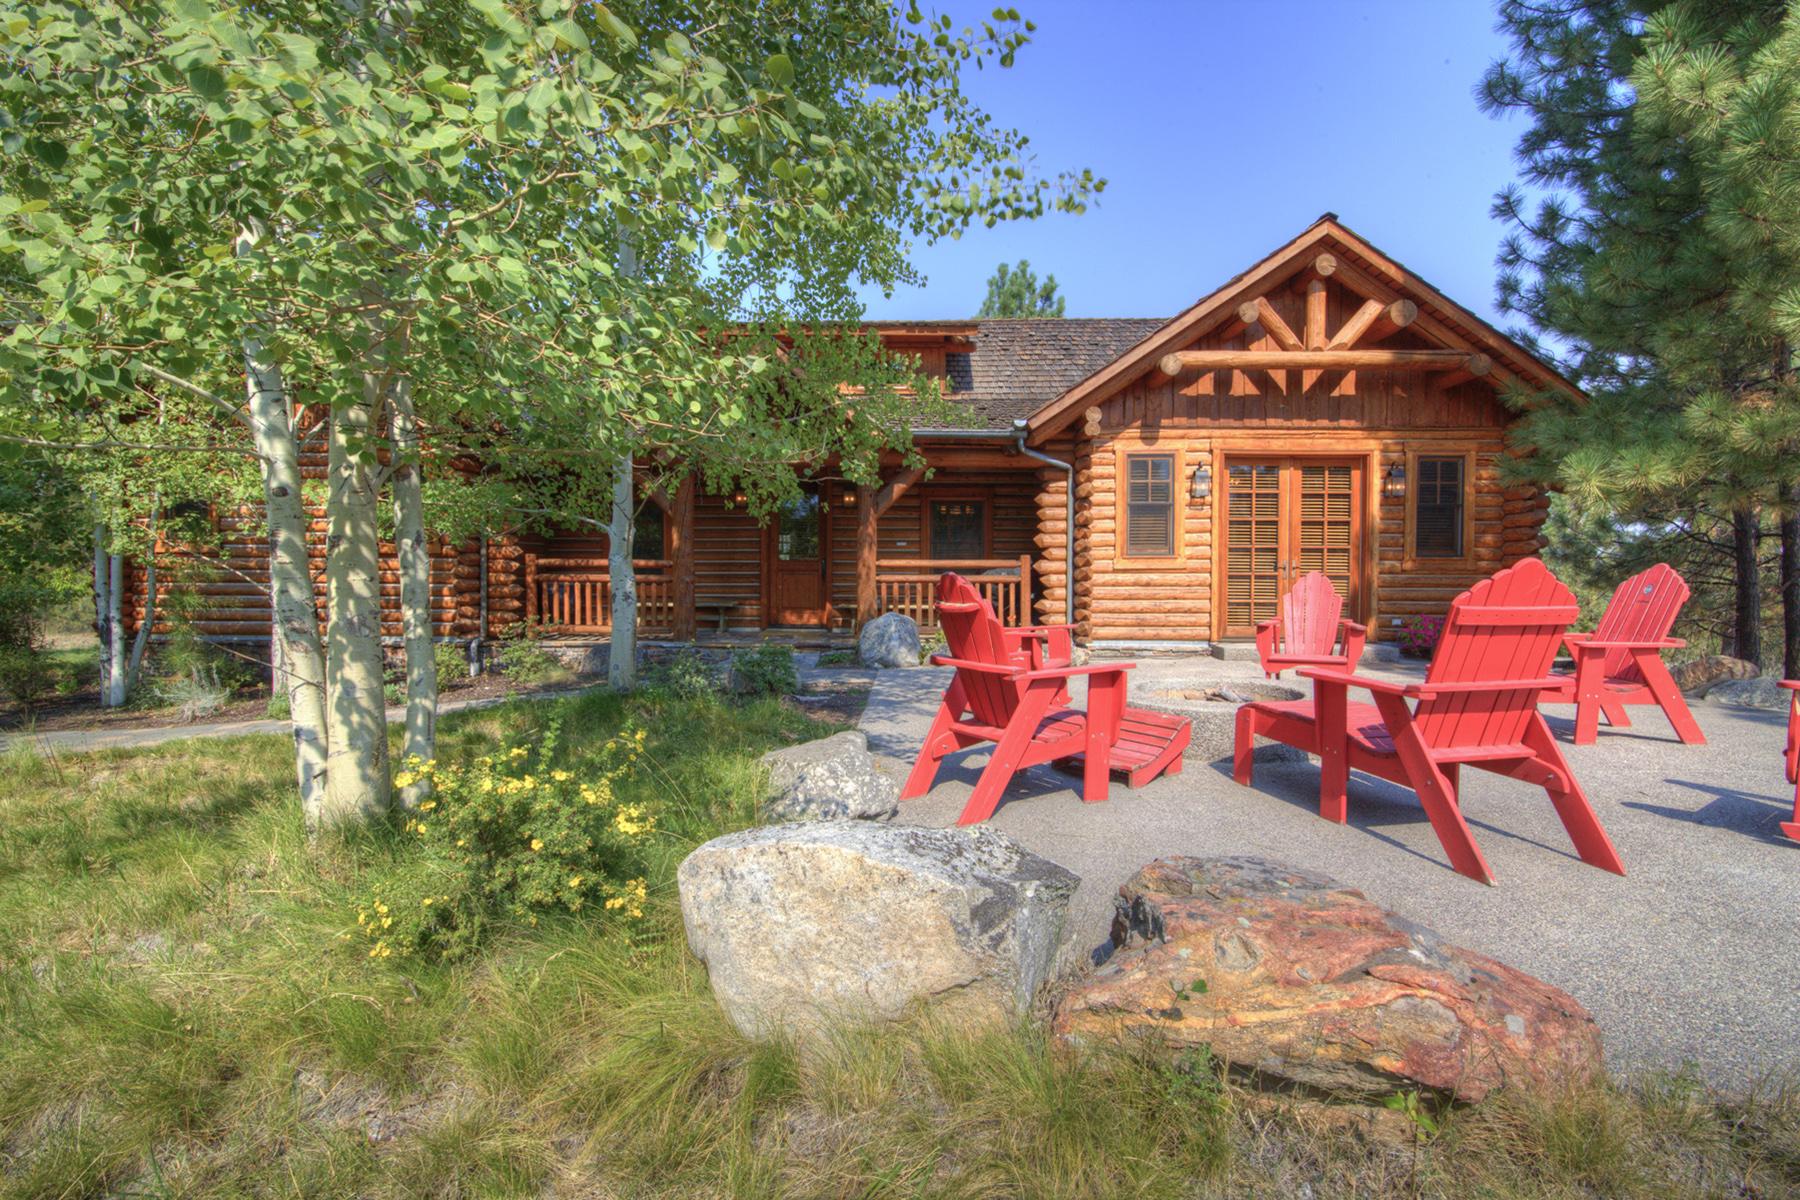 一戸建て のために 売買 アット Stock Farm Cabin 28 770 Pallo Trail Hamilton, モンタナ, 59840 アメリカ合衆国